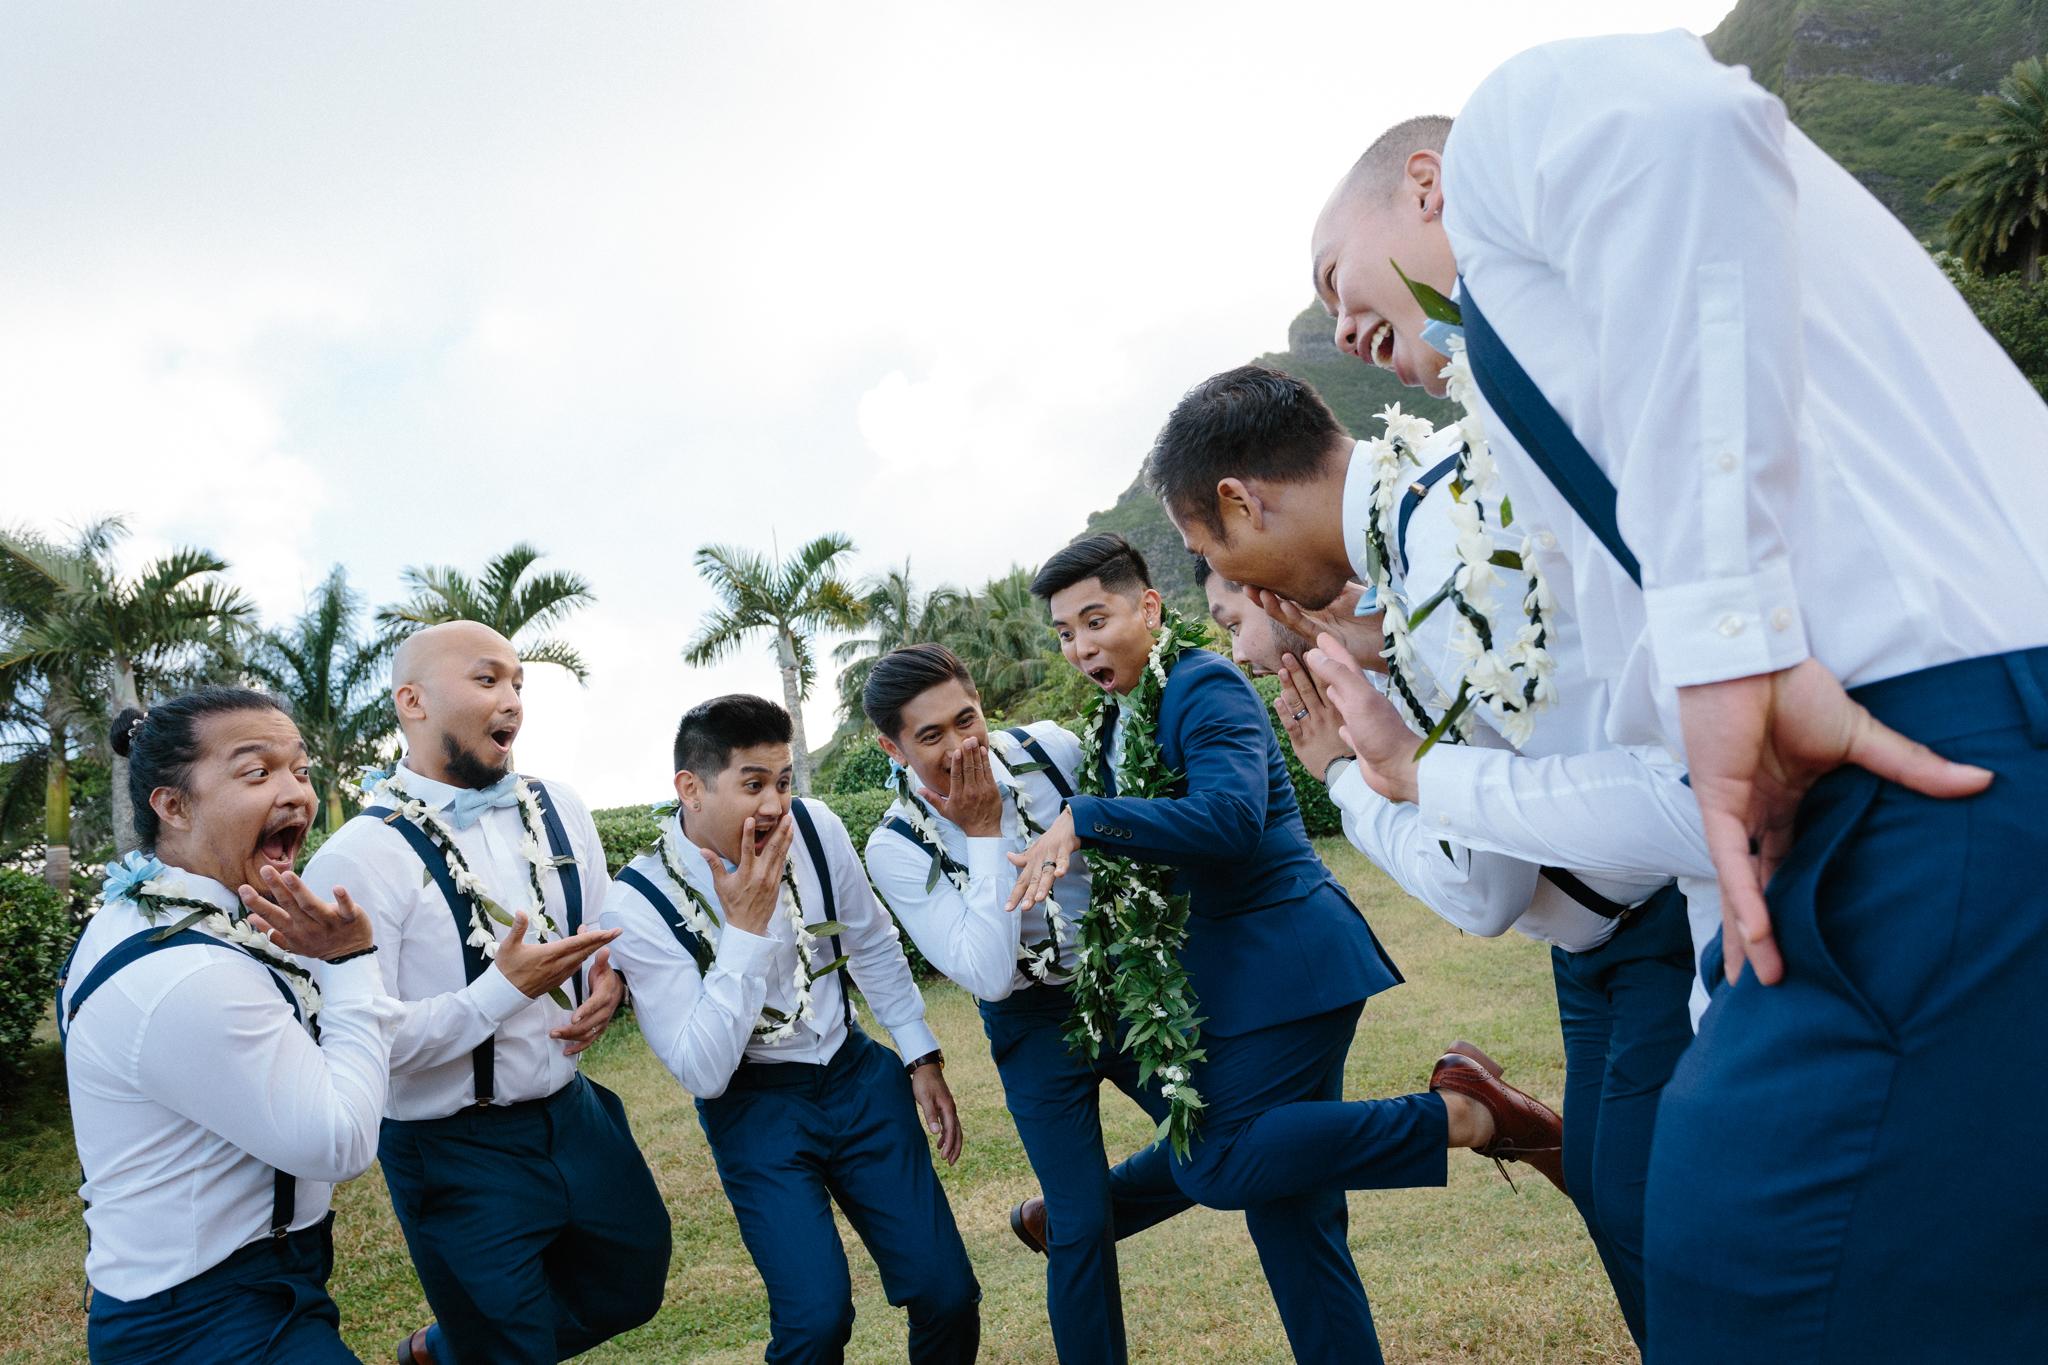 kualoa_ranch_wedding_photography_tone_hawaii-67.jpg